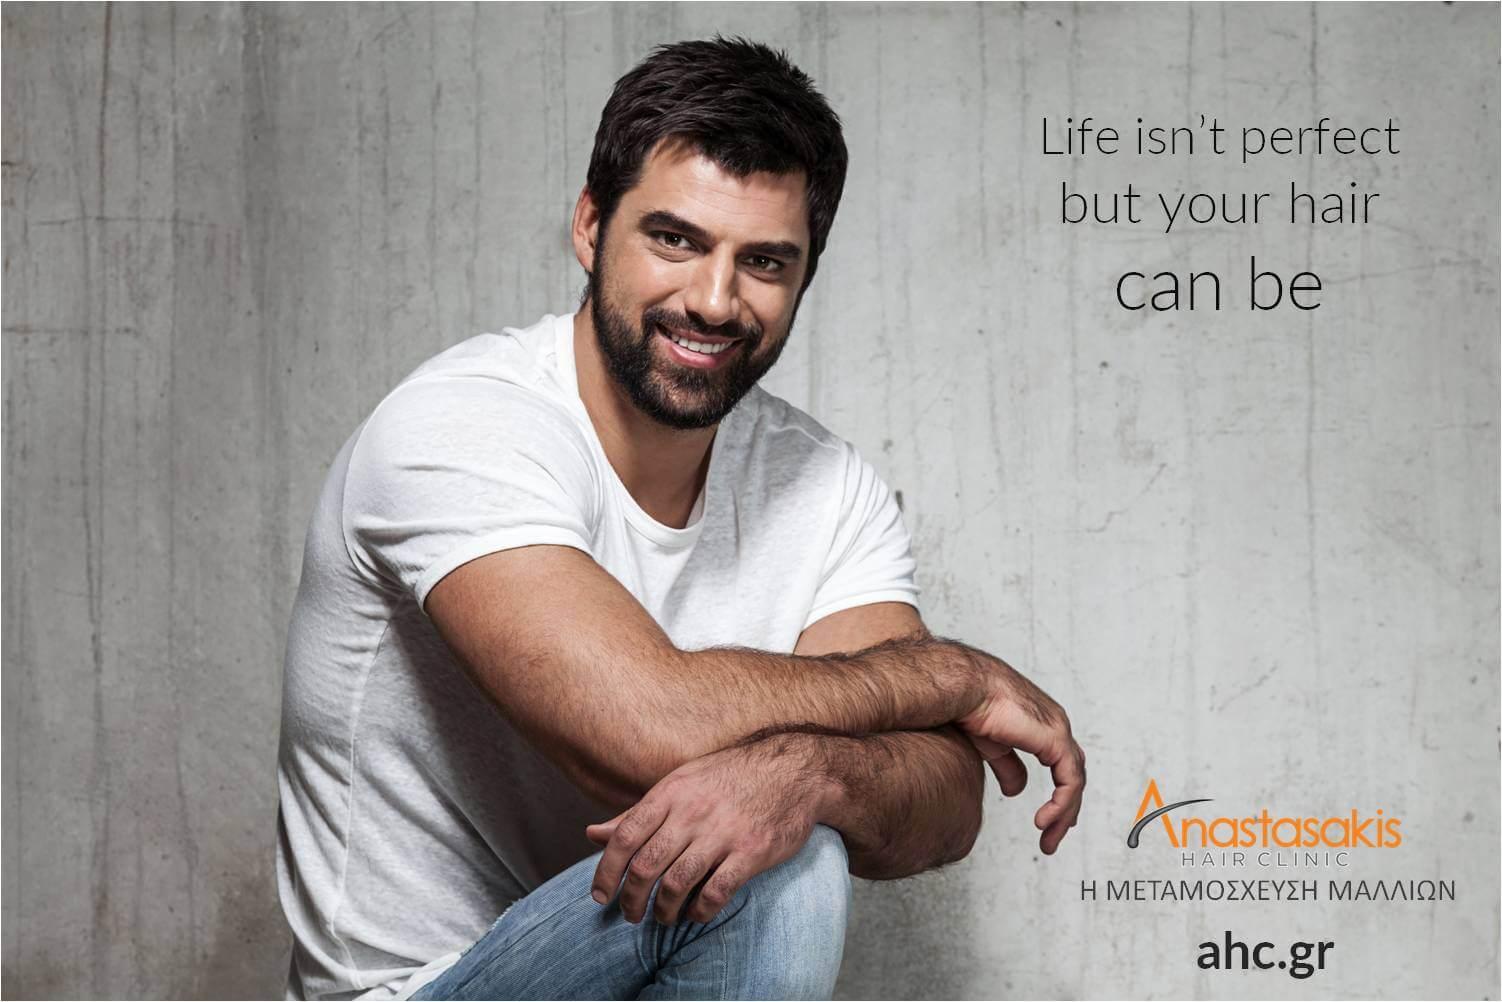 Μεταμόσχευση μαλλιών και άνδρες Anastasakis Hair Clinic